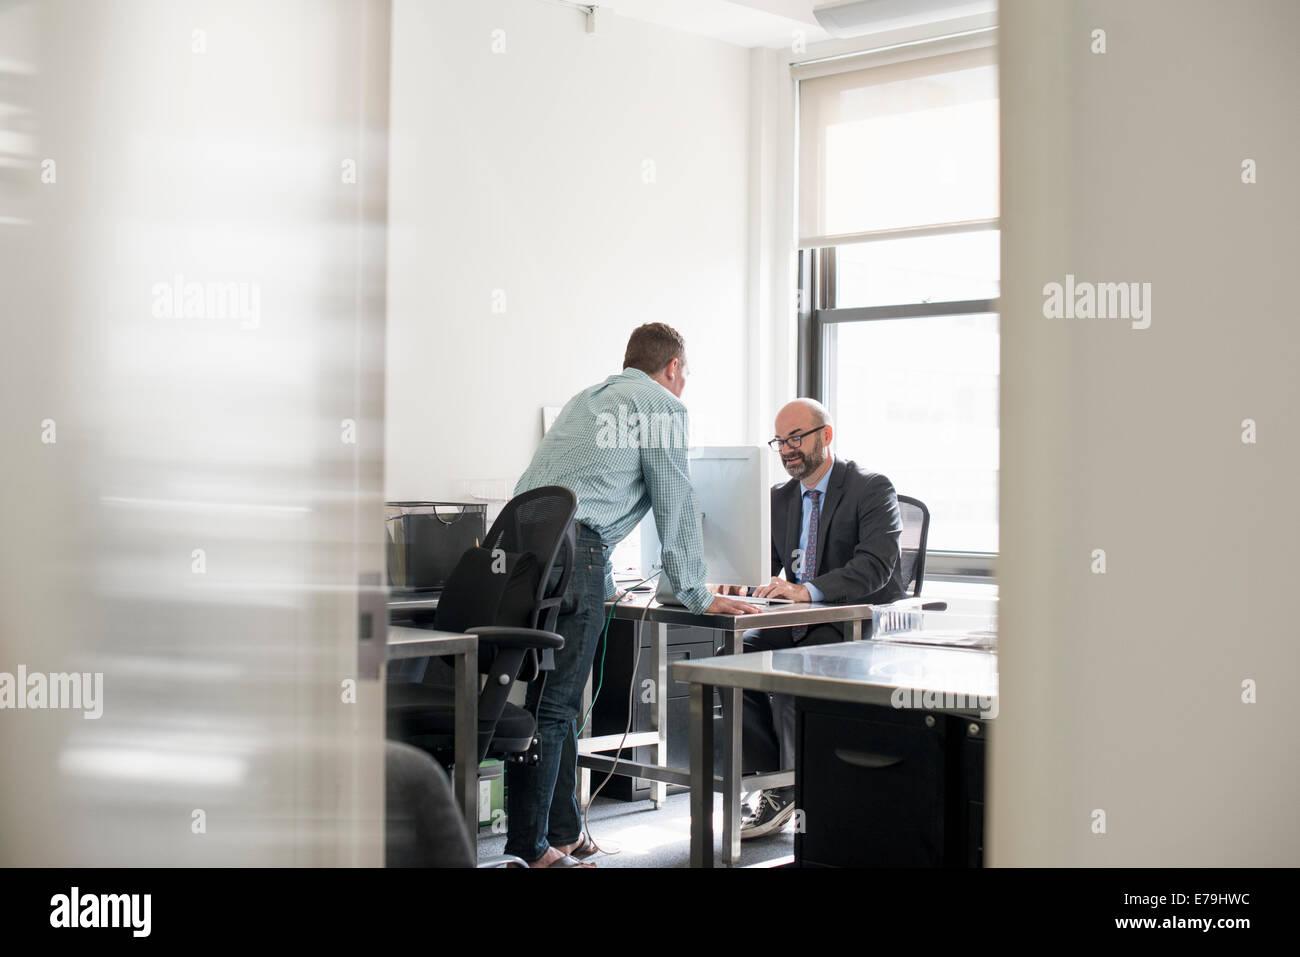 La vie de bureau. Deux personnes parlent de plus d'un bureau. Photo Stock